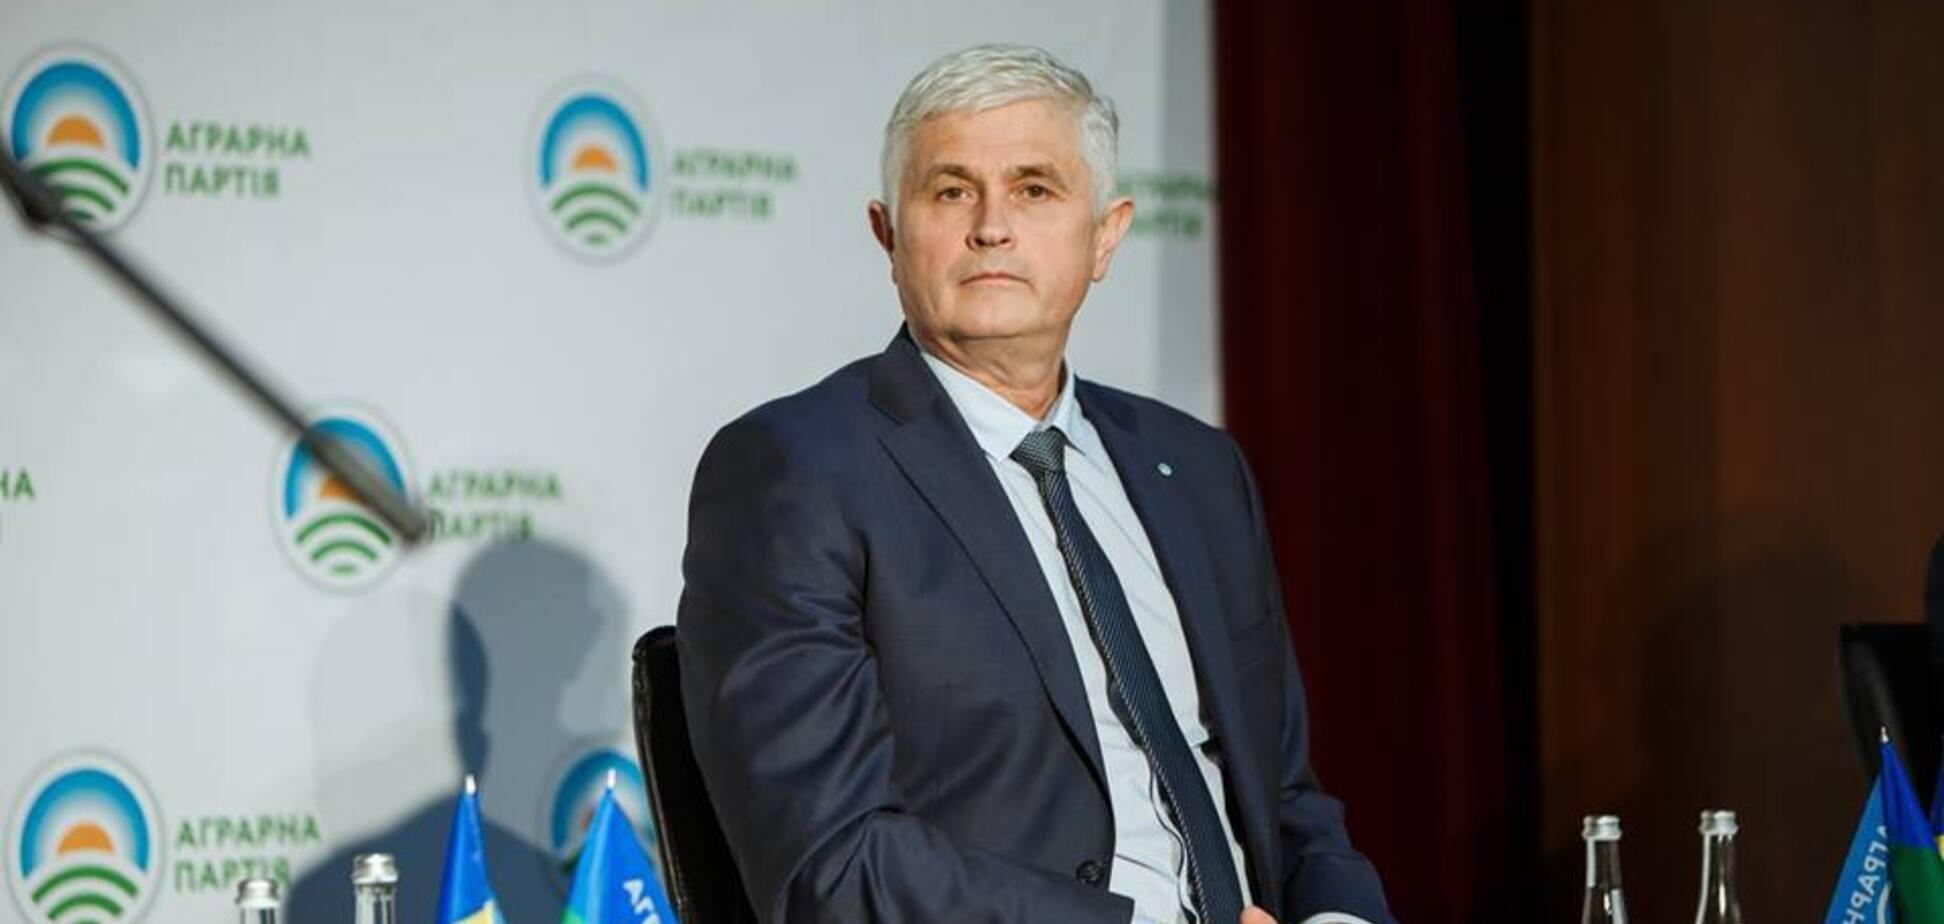 Аграрная партия побеждает на выборах в ОТГ